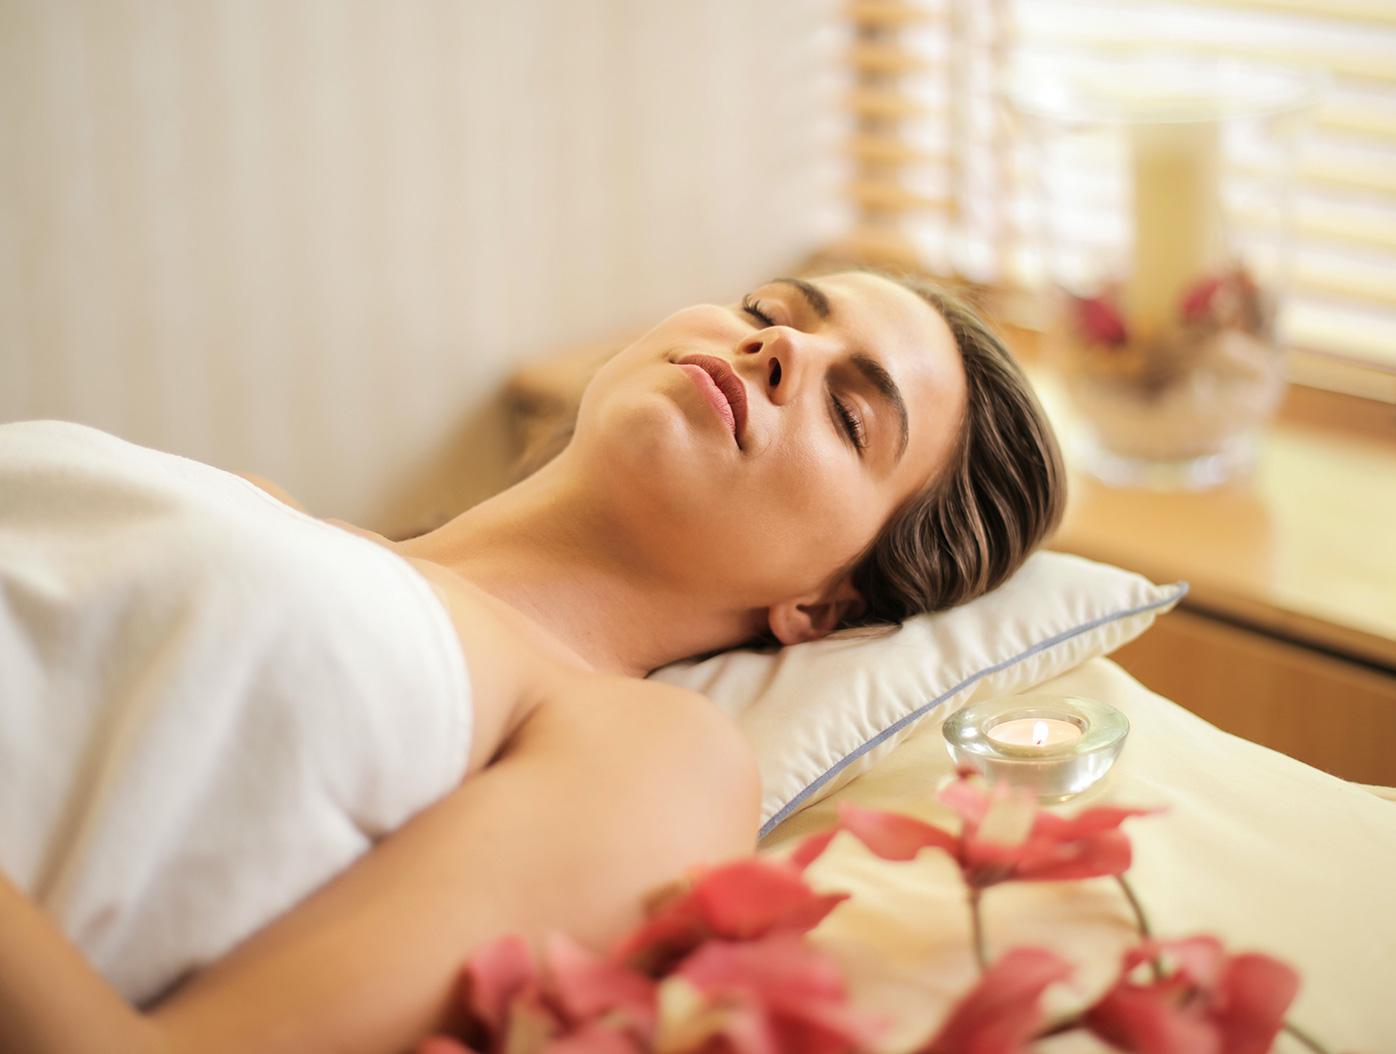 Aceite de masaje para estrías de Weleda: mi experiencia